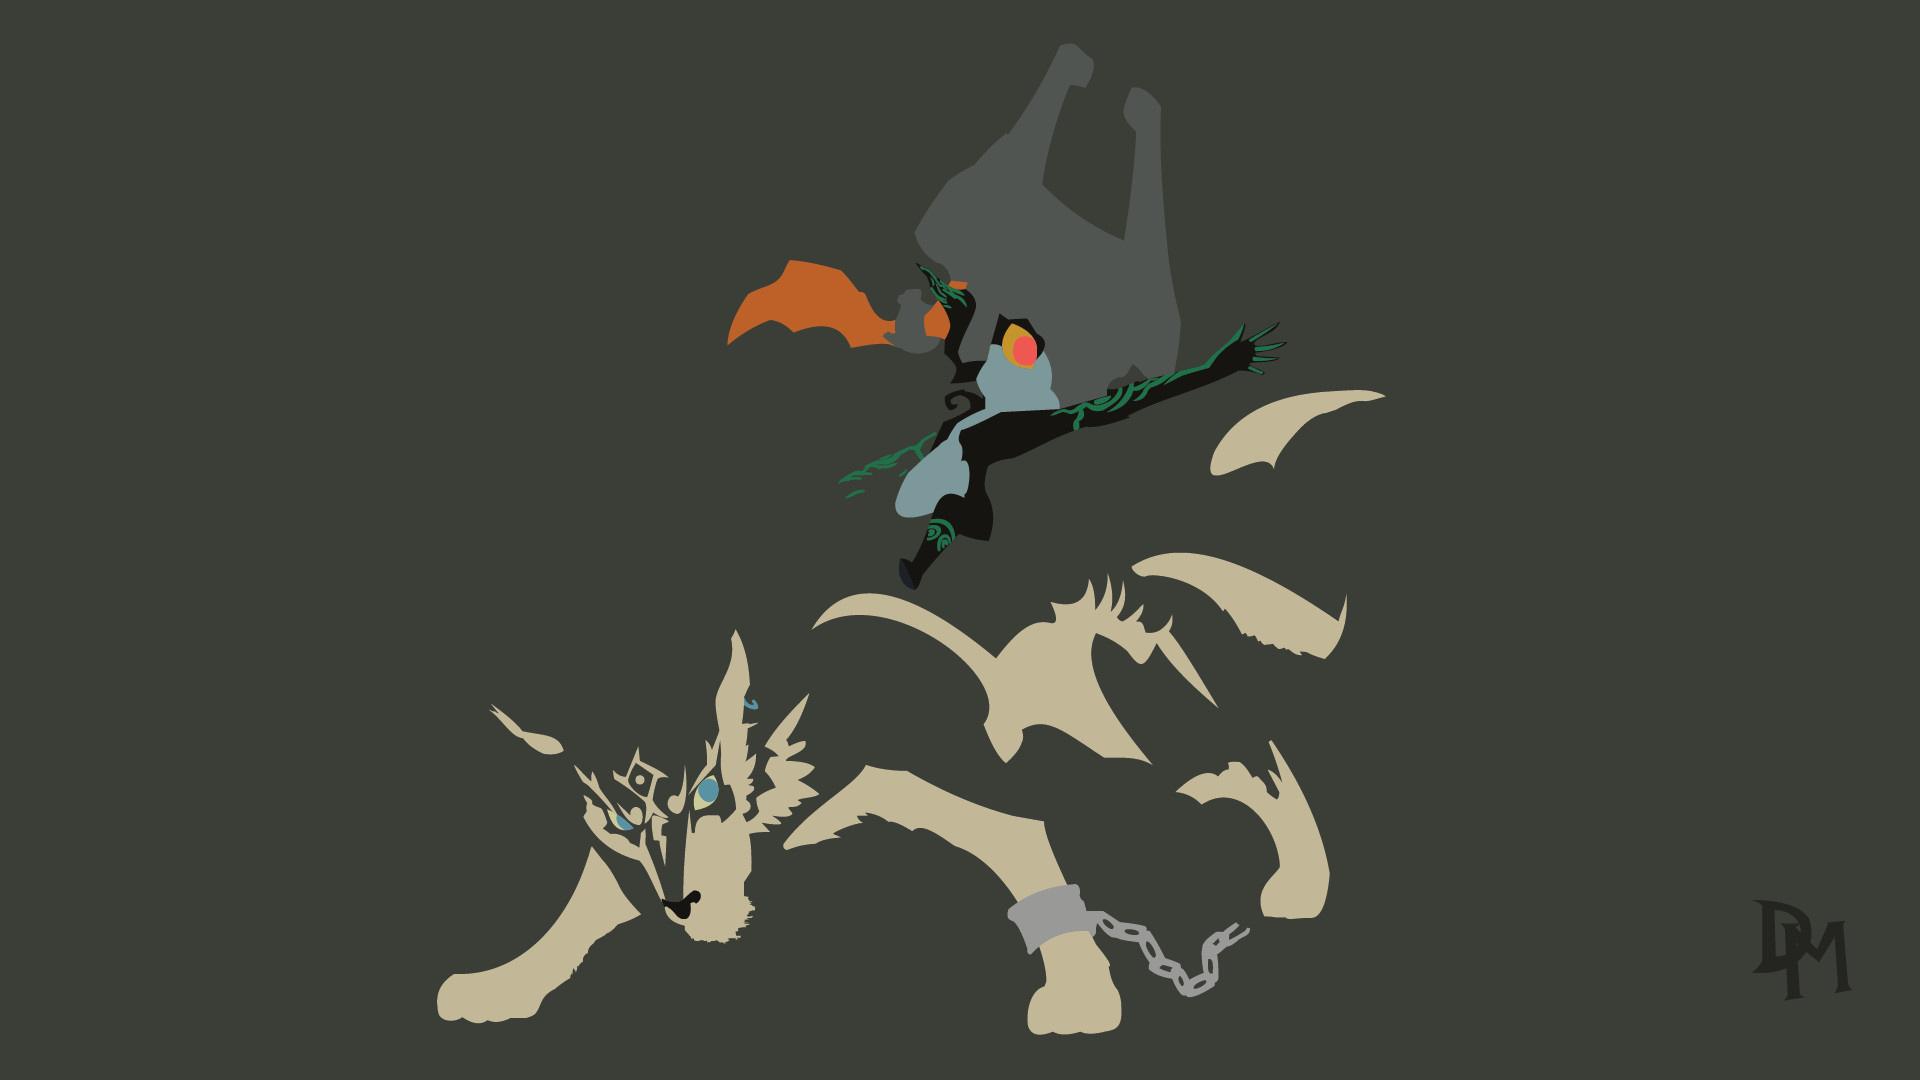 Zelda Master Sword Wallpaper 77 Images